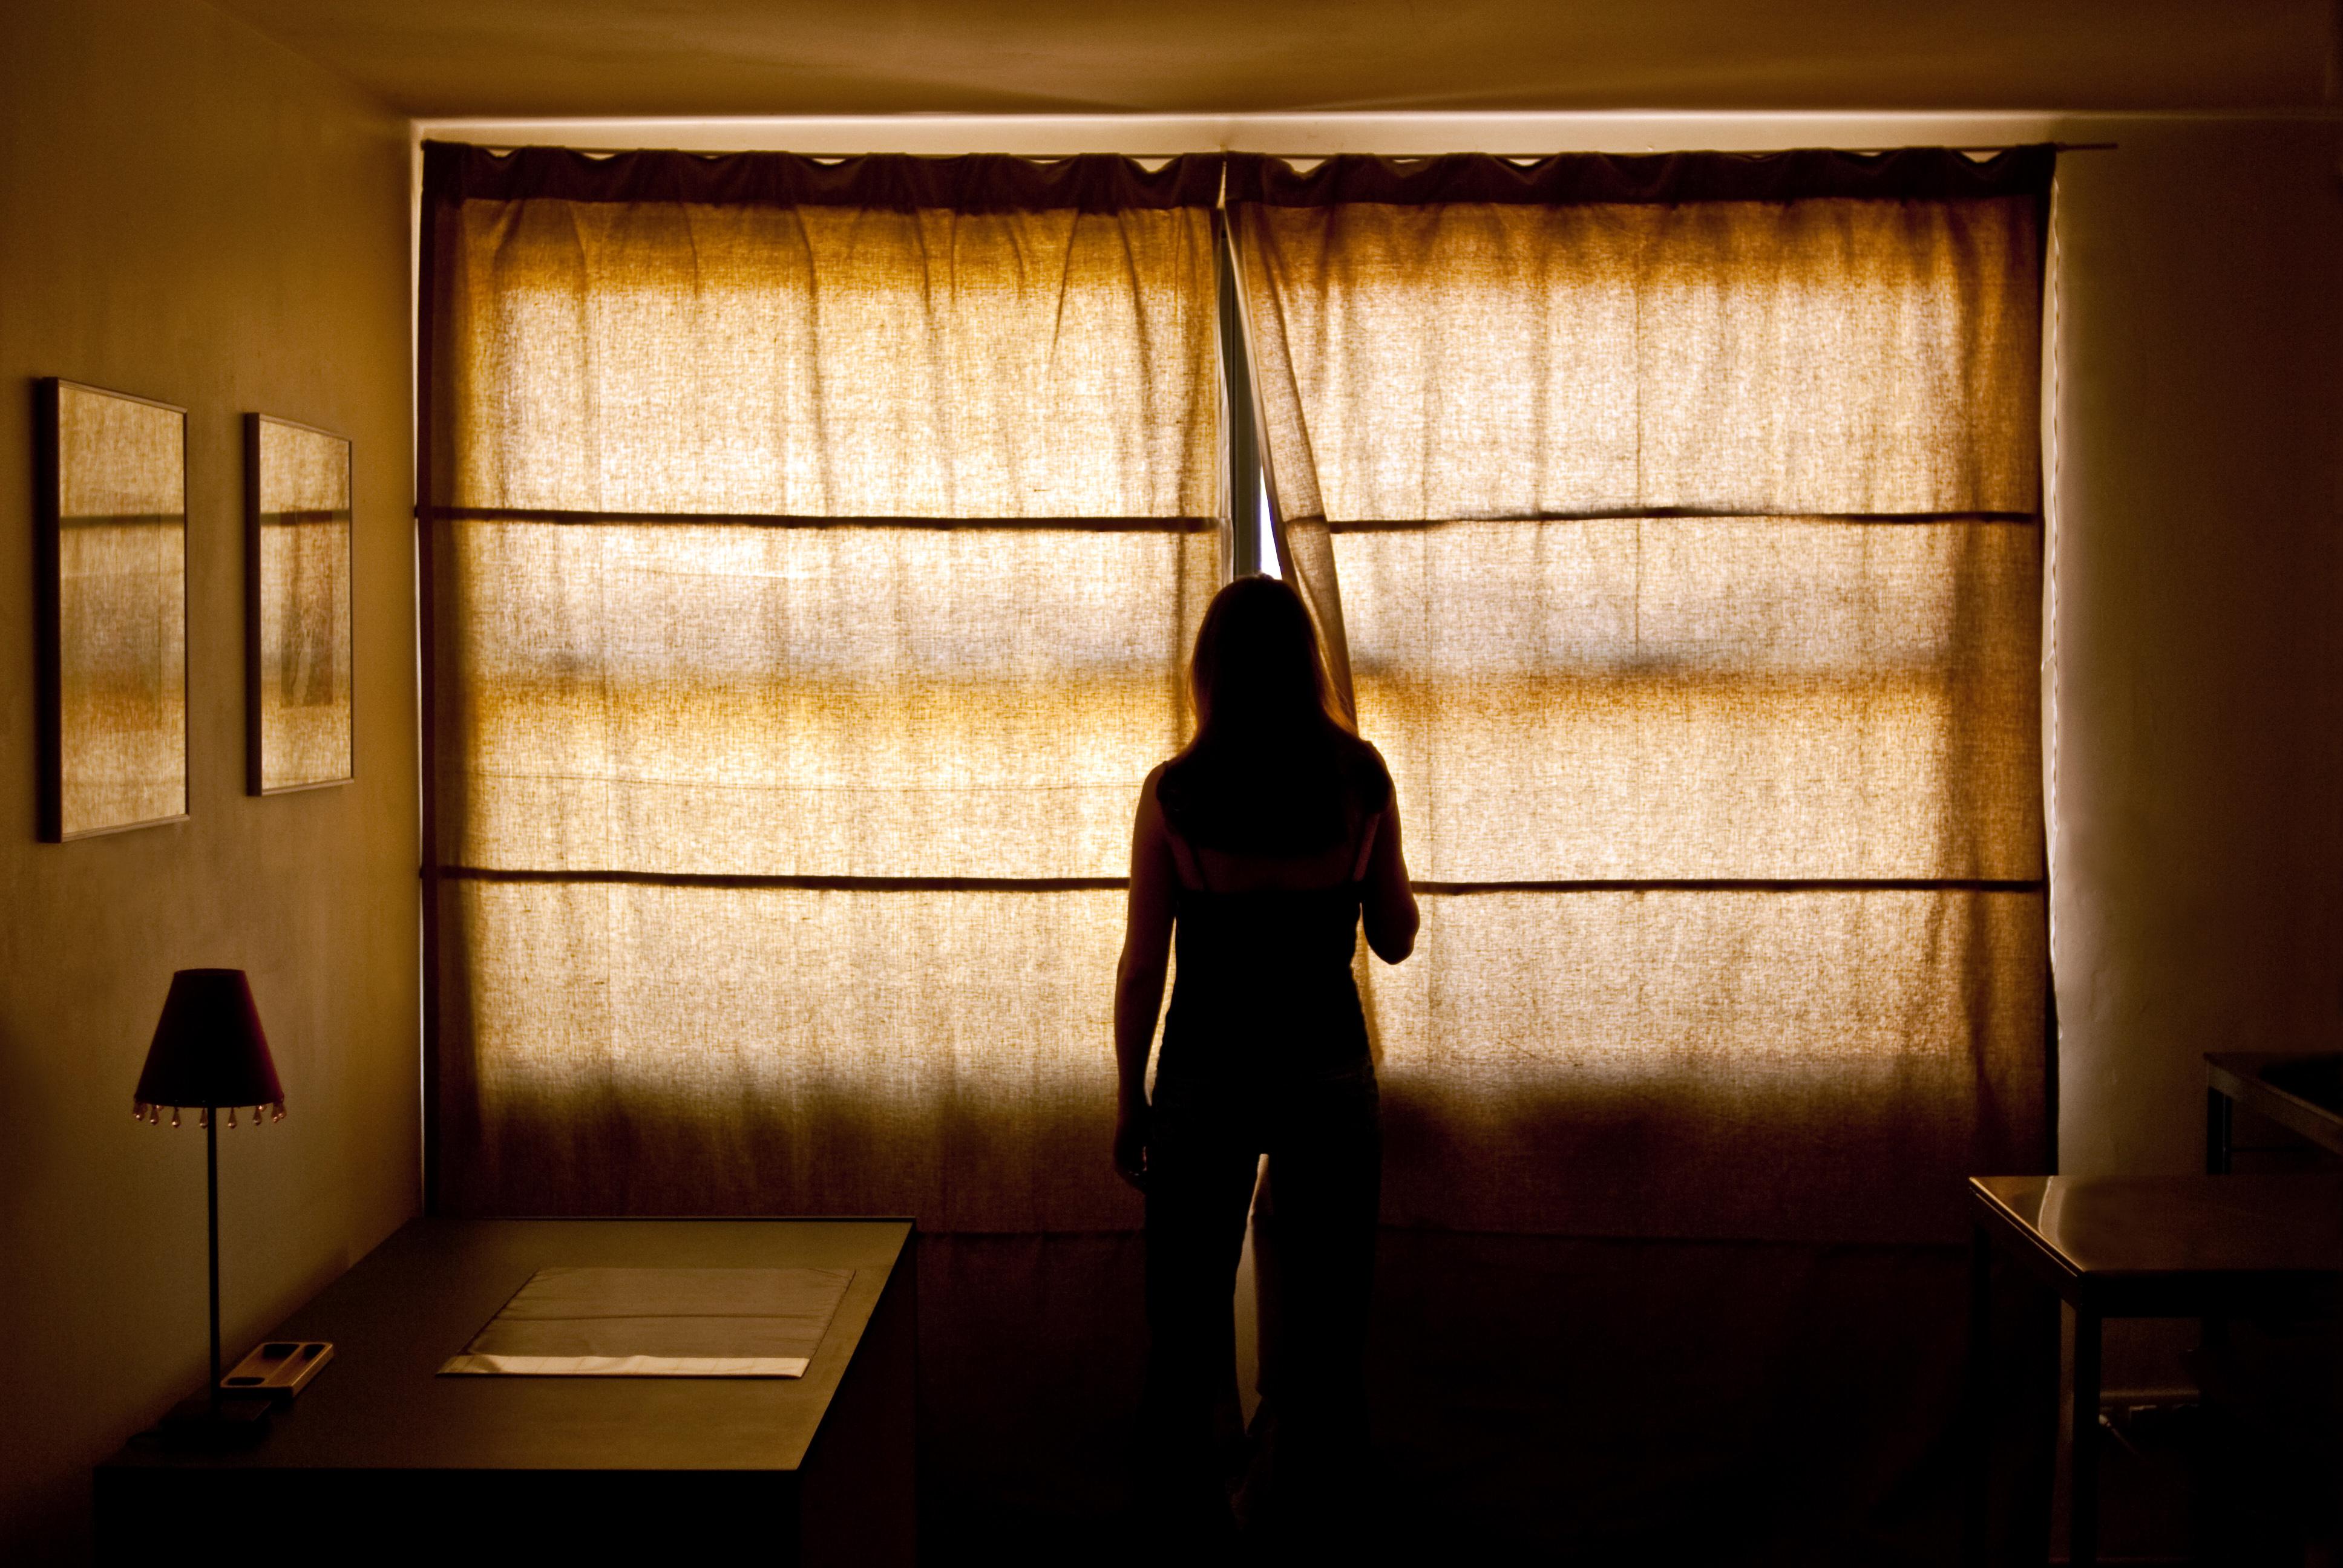 Fond d écran femmes chambre mur table nikon france design